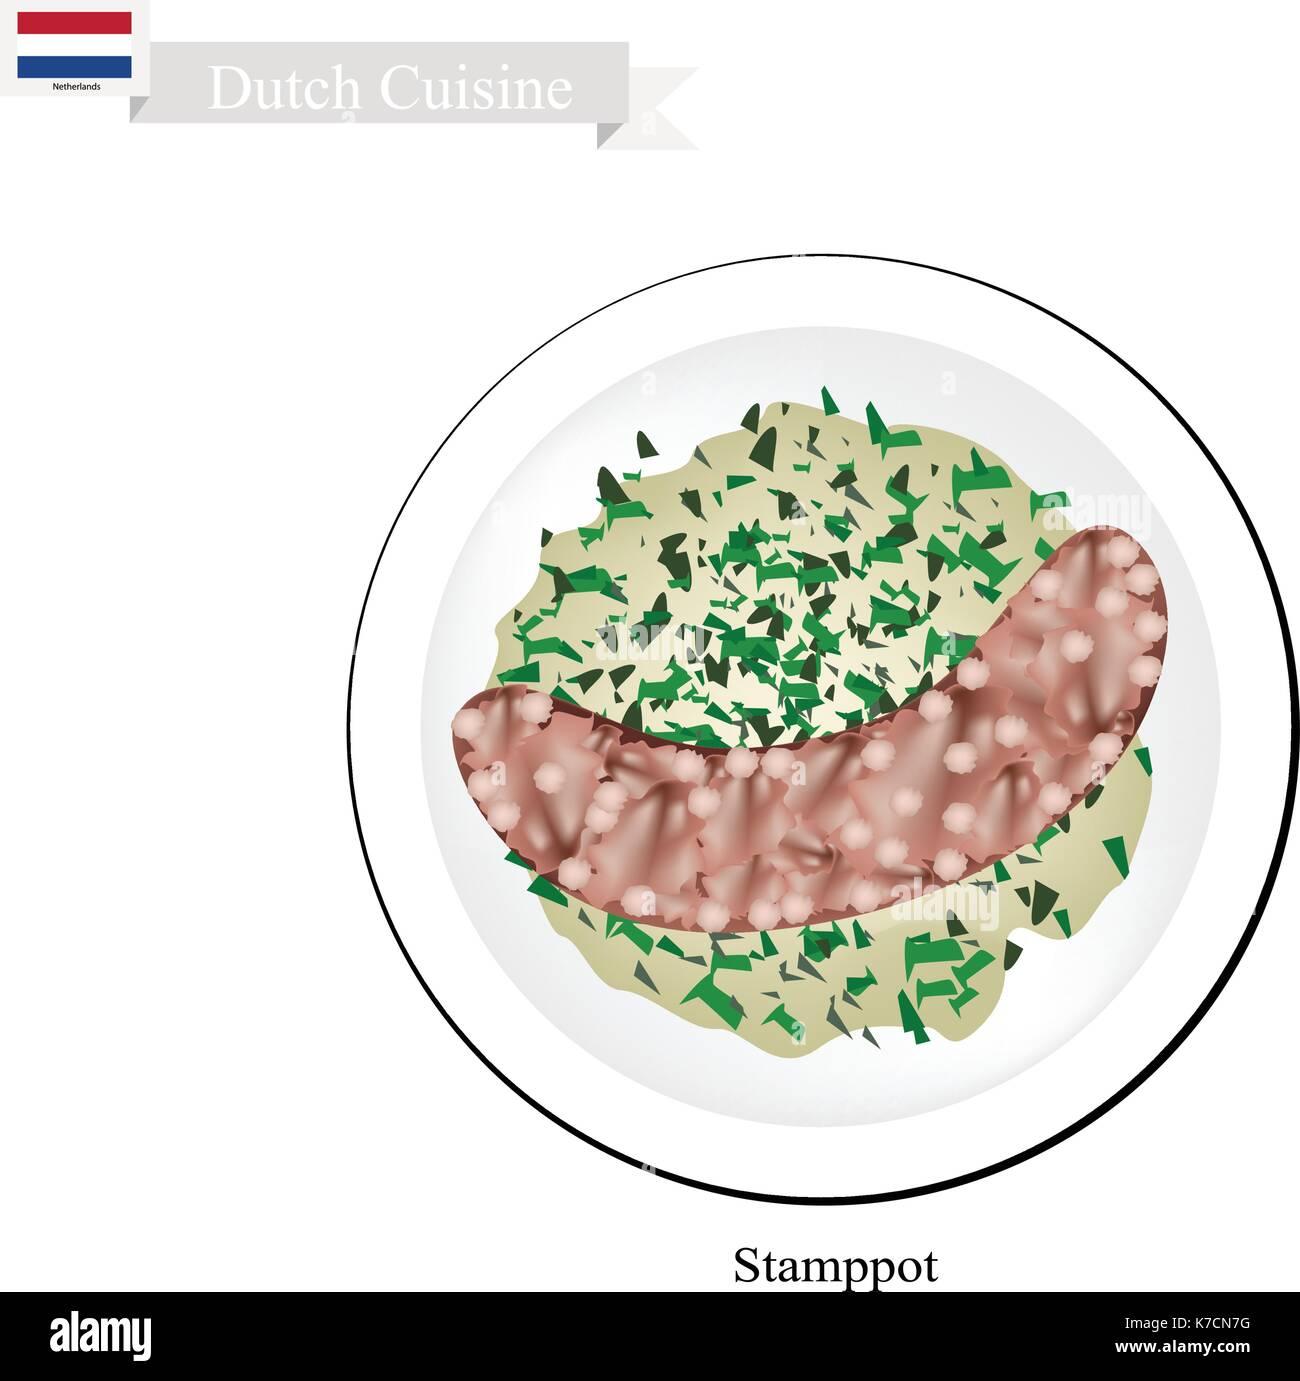 Niederländische Küche, Illustration Der Traditionellen Stamppot Oder  Kartoffelpüree Und Grünkohl Serviert Mit Rookworst Oder Geräucherte Wurst.